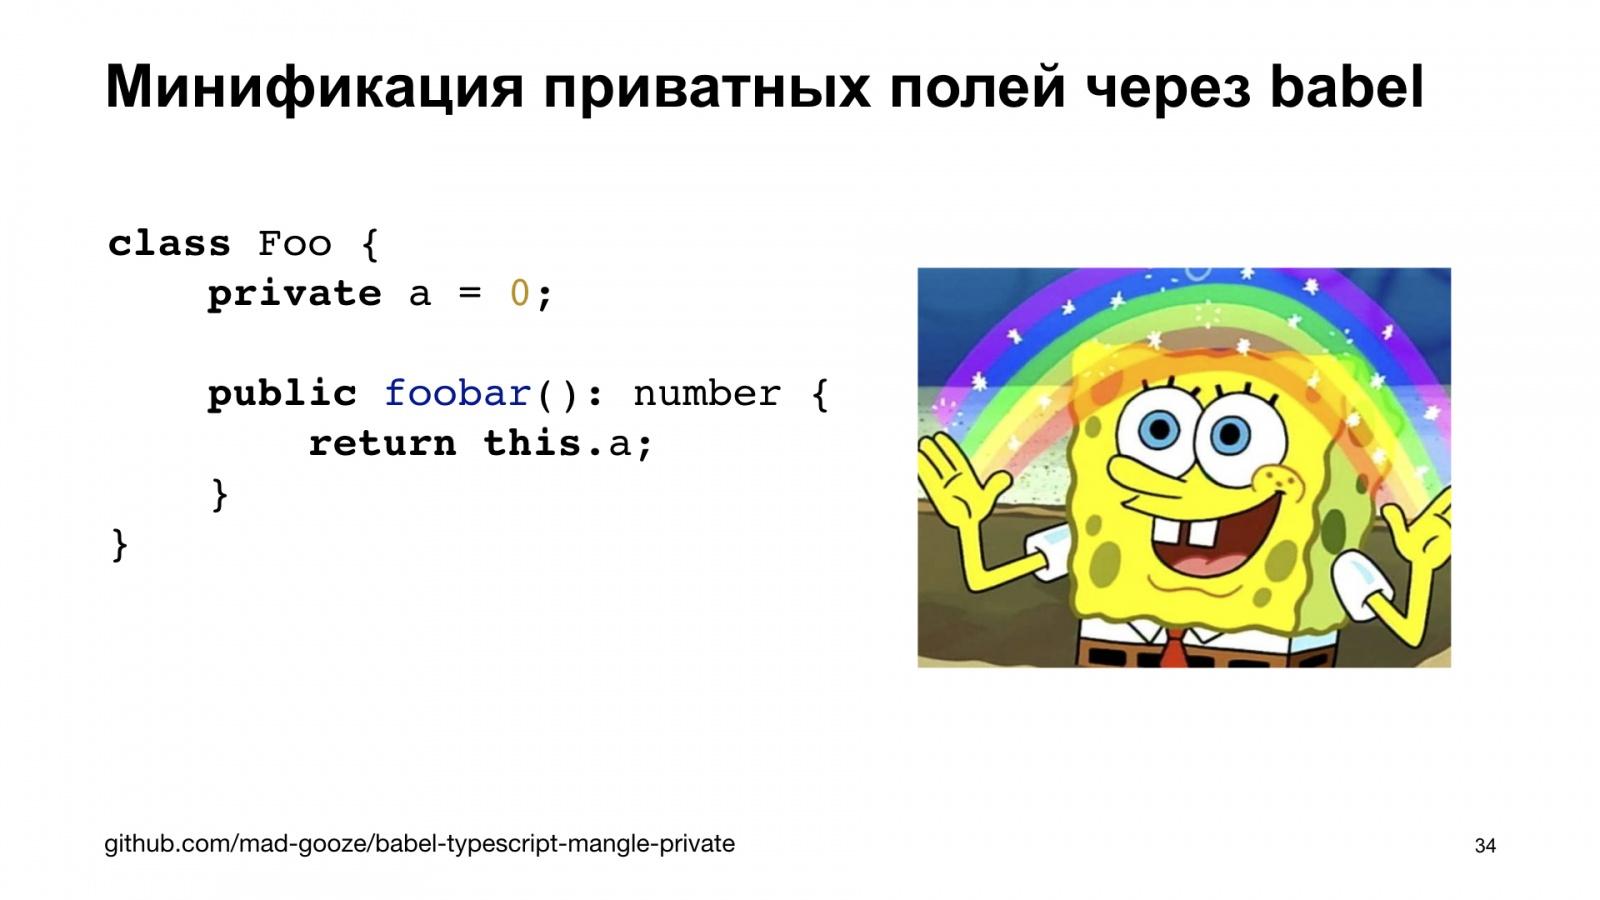 Минифицируем приватные поля в TypeScript. Доклад Яндекса - 34